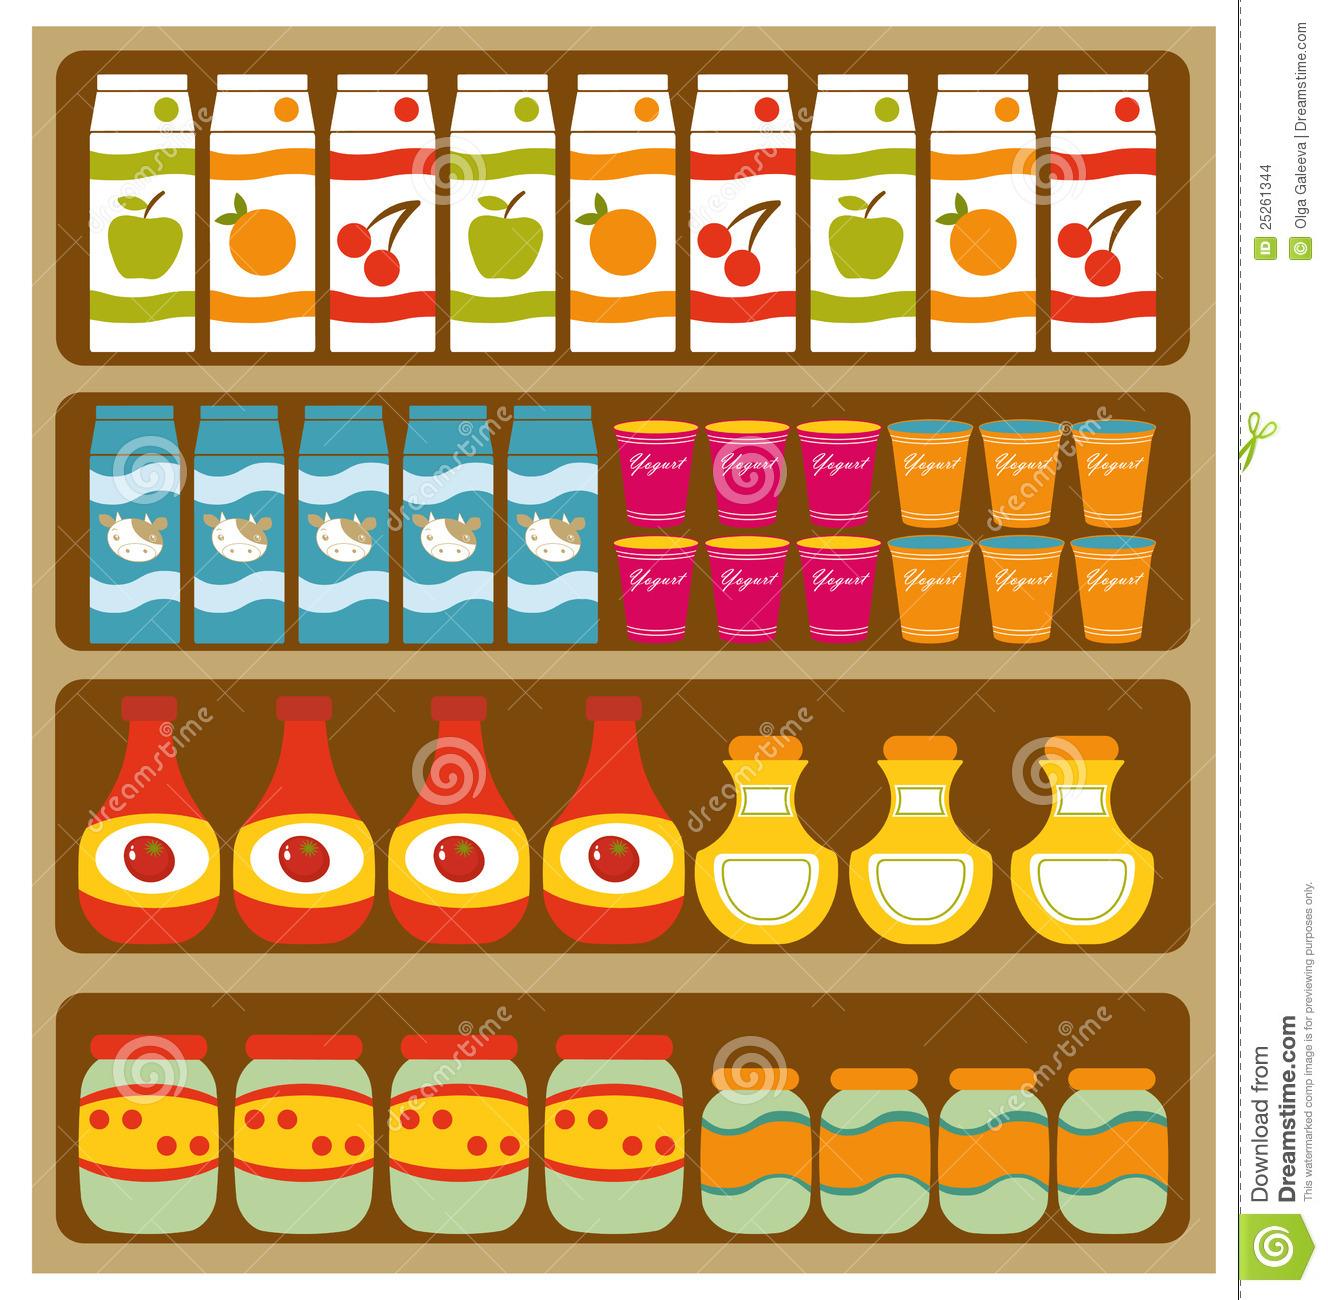 supermarket shelves clipart #16